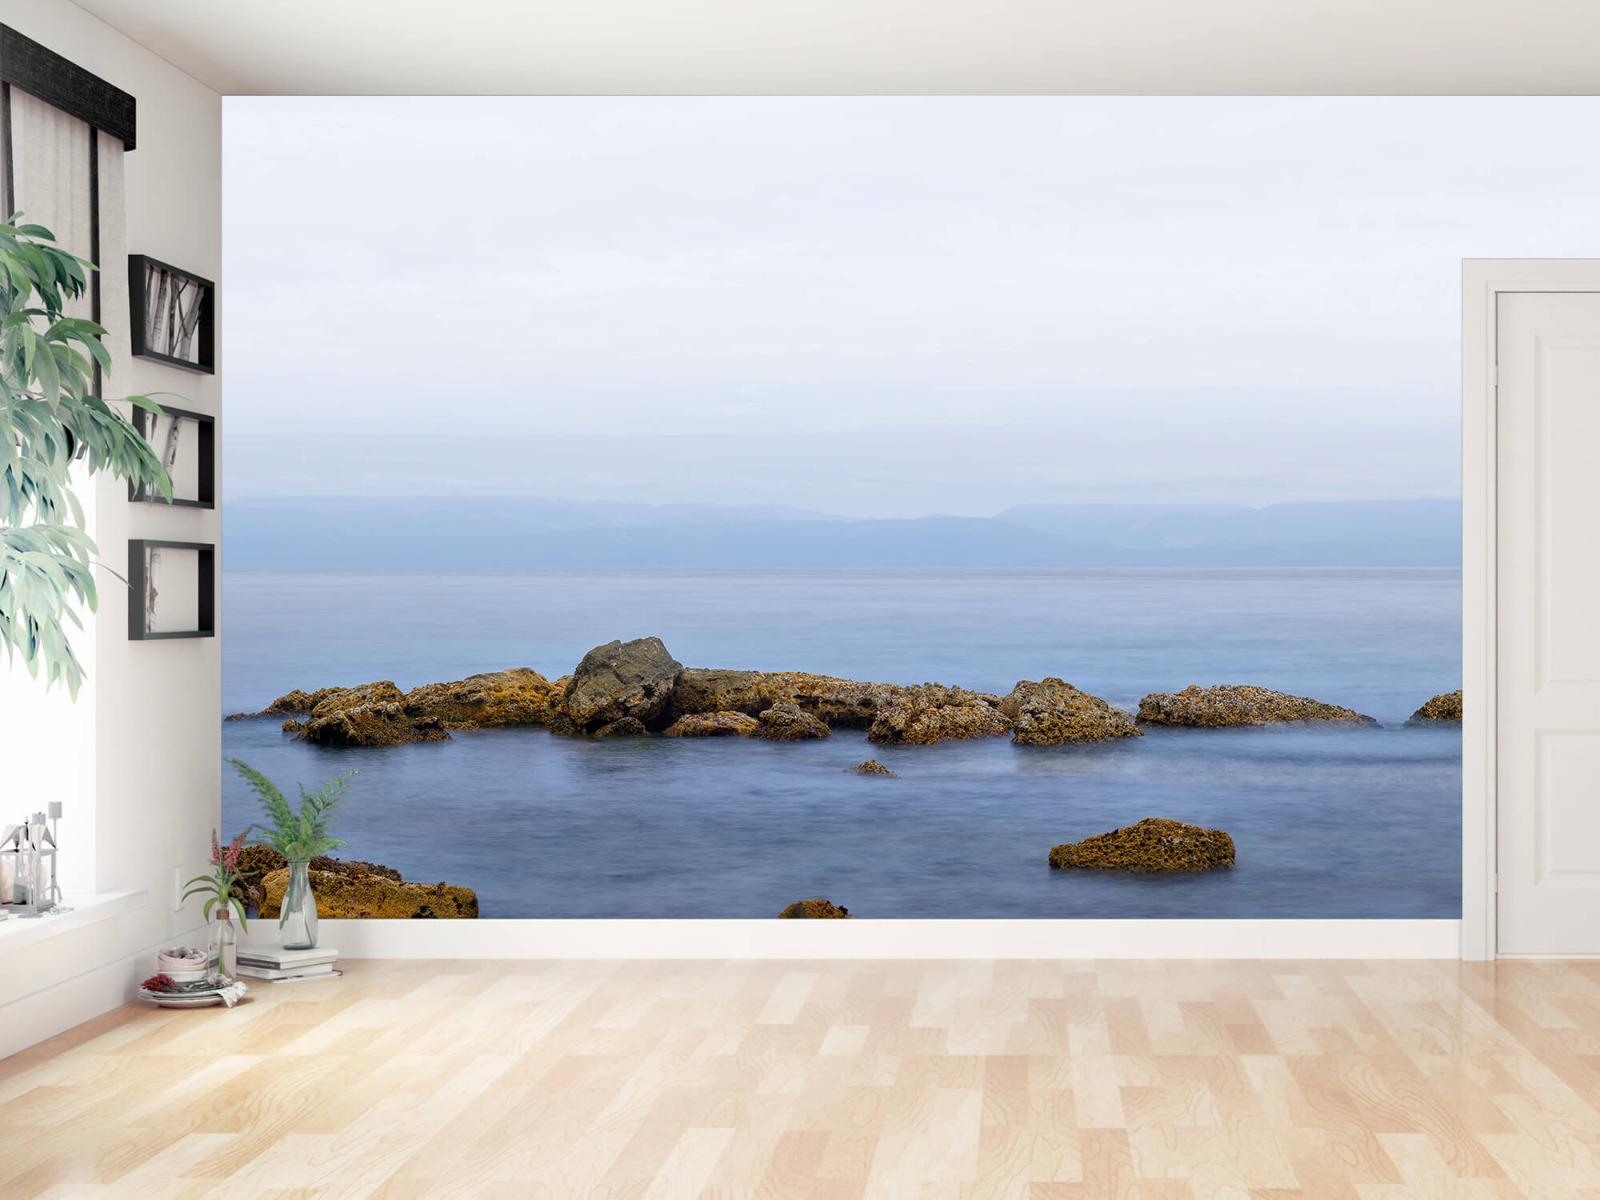 Zeeën en Oceanen - Groep rotsen - Wallexclusive - Woonkamer 11